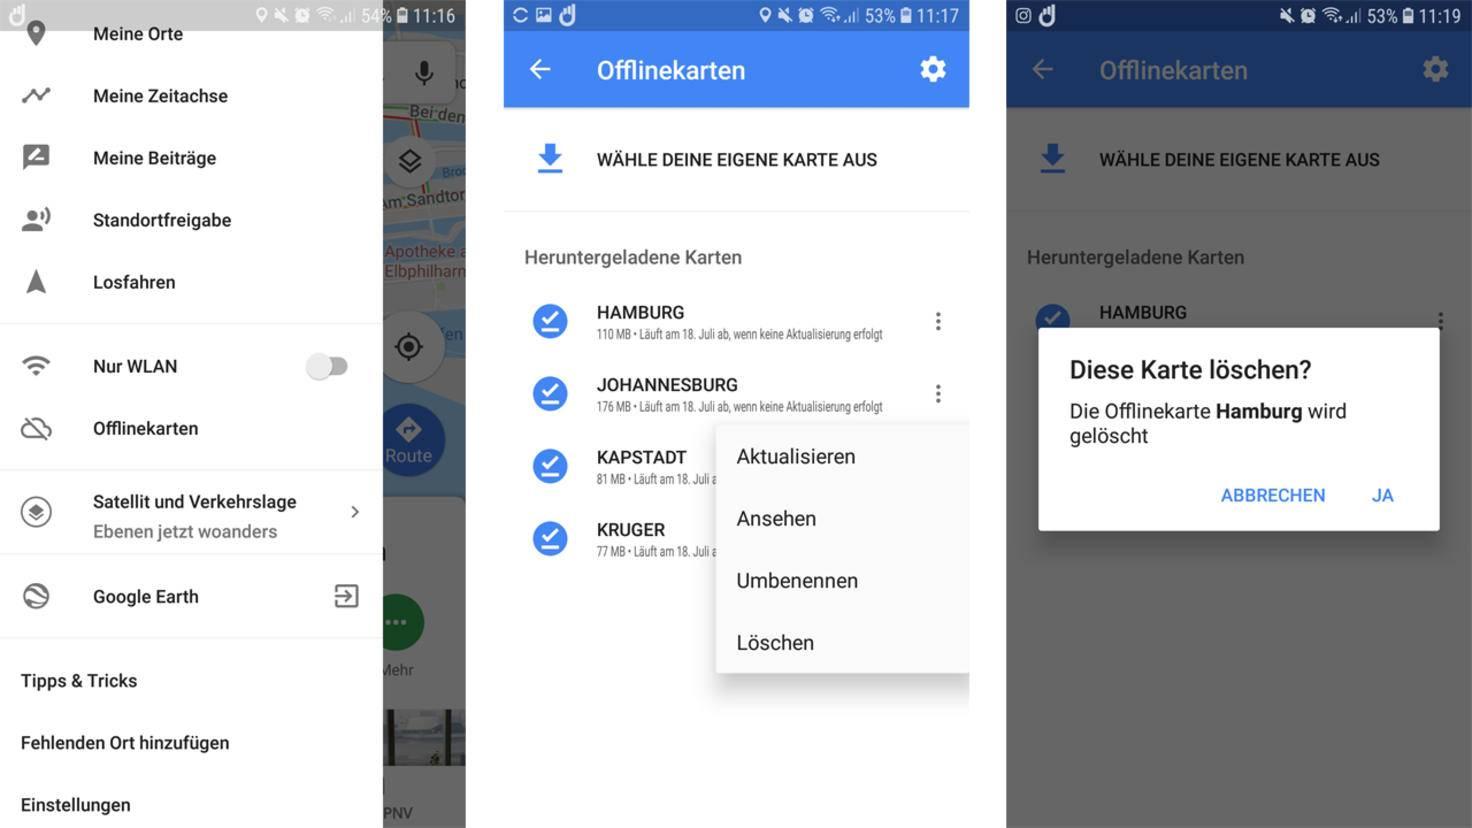 Android aufraeumen Offlinekarten loeschen